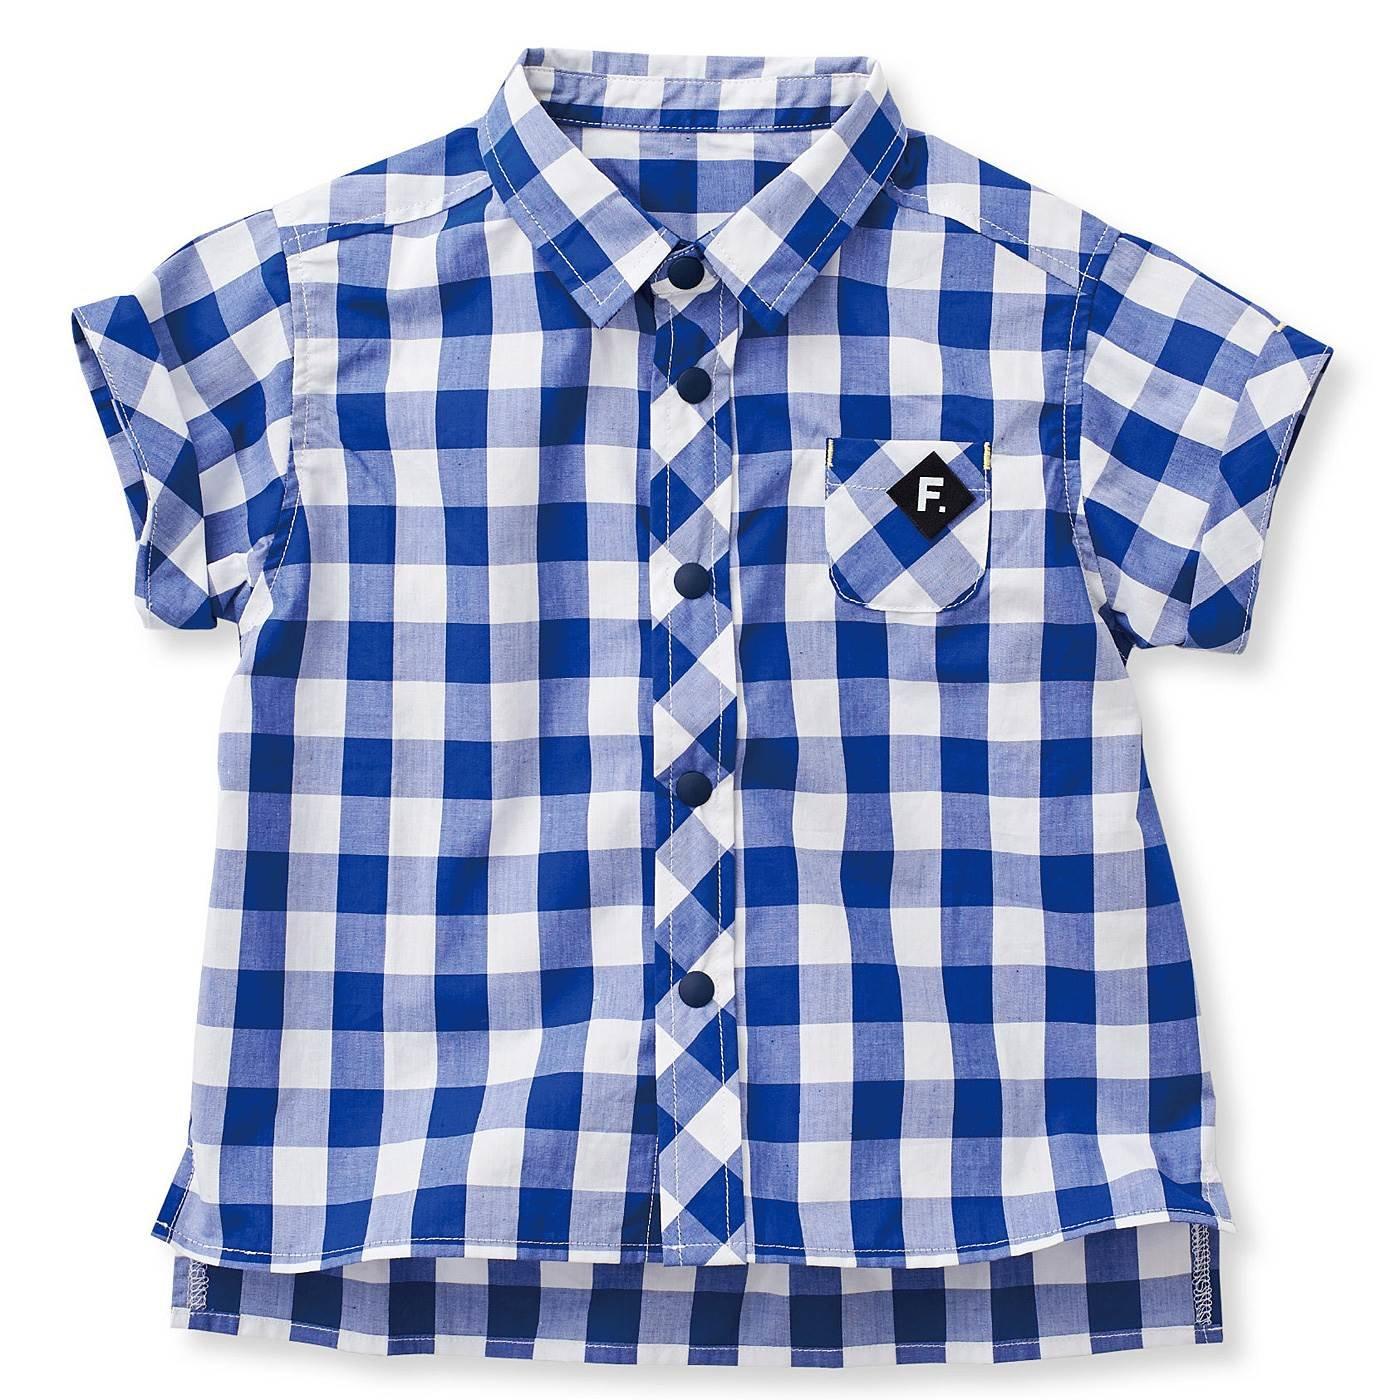 ひとりで着替えやすい ビッグなギンガムのコットンゆるりシャツ